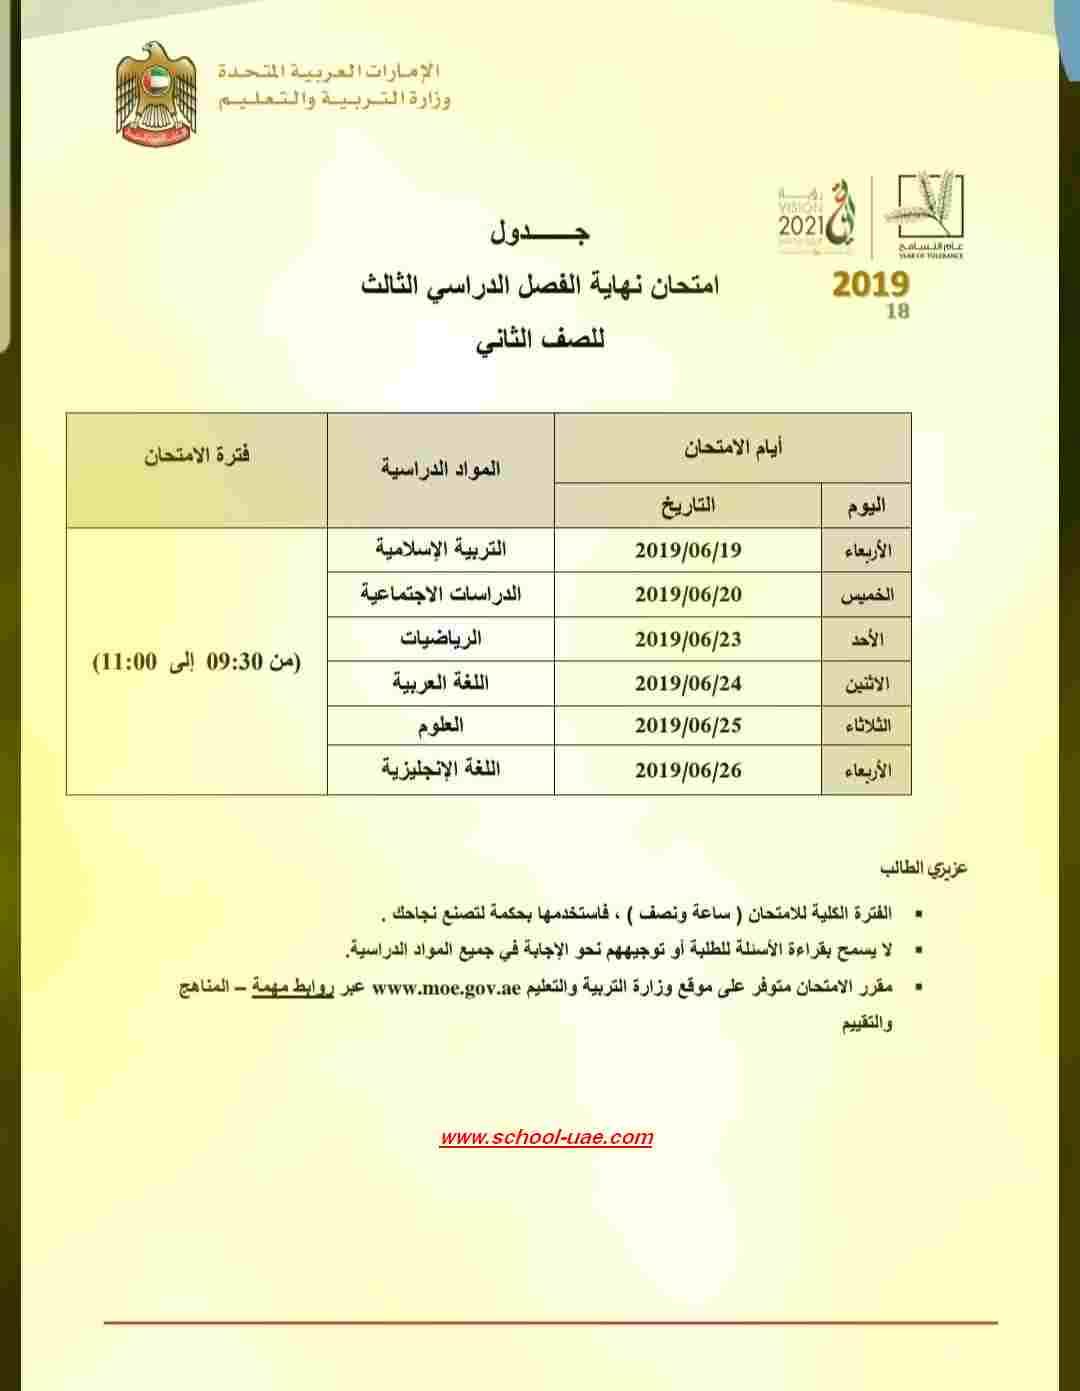 جدول الامتحان الوزاري للصف الثانى الفصل الدراسى الثالث 2019 - مناهج الامارات